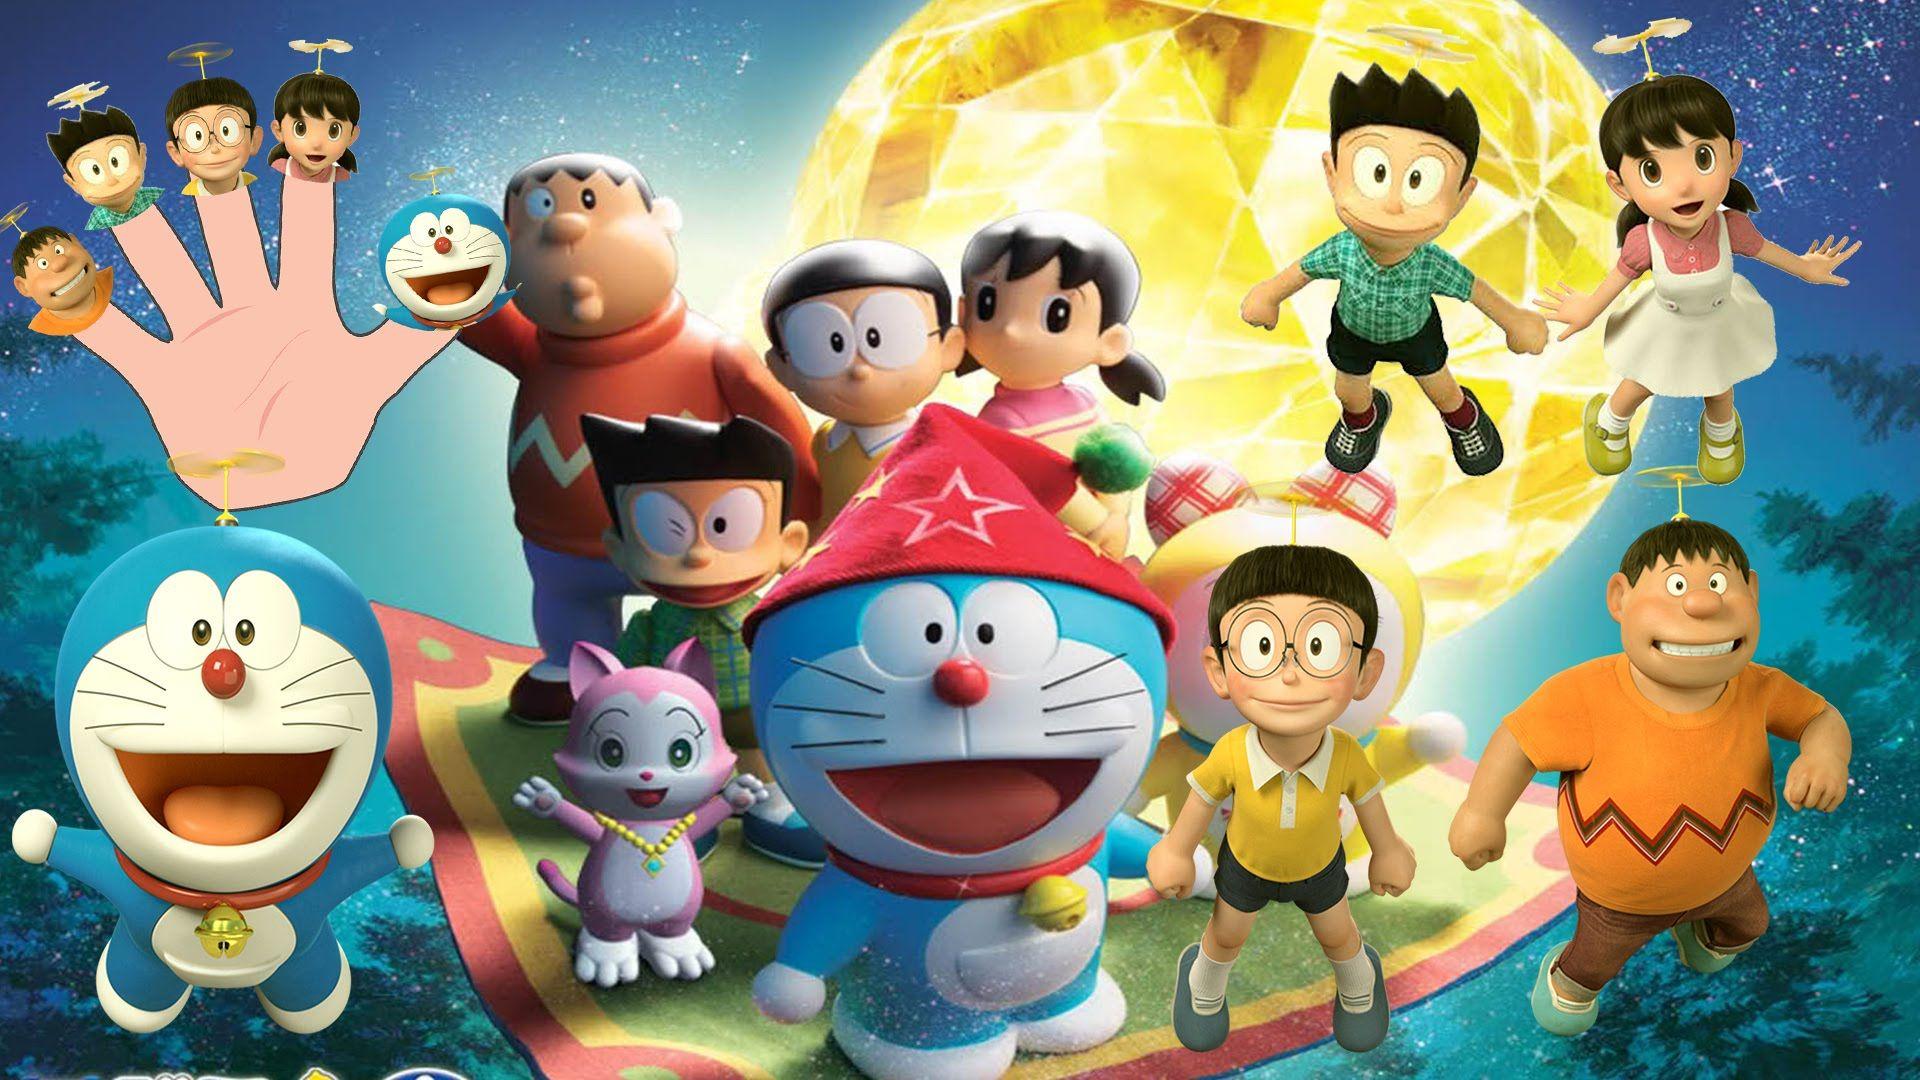 Happy Quotes Iphone Wallpaper Doraemon Wallpapers Hd Pixelstalk Net